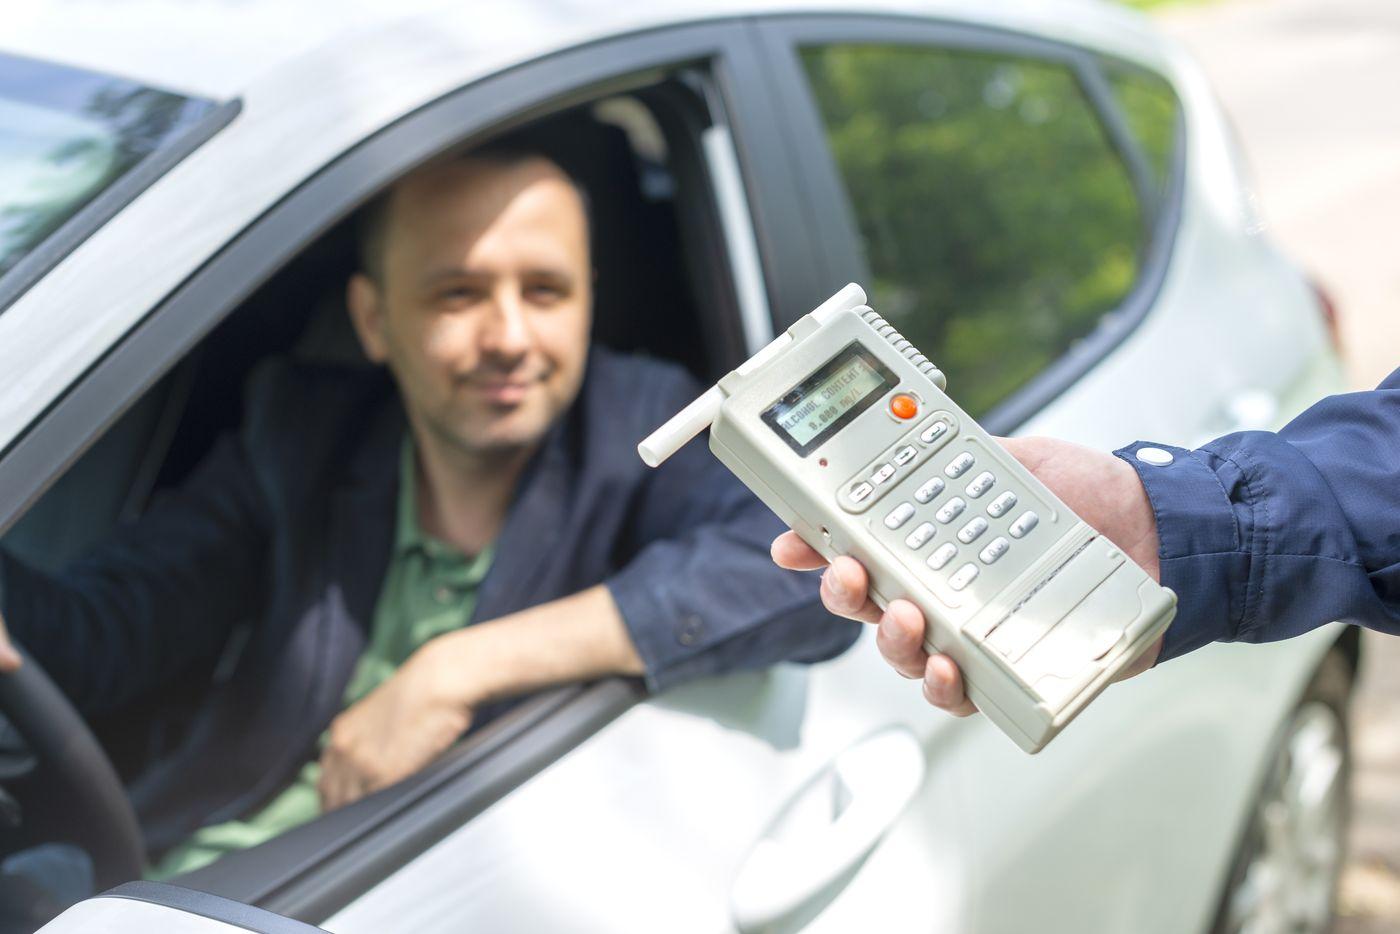 Co grozi kierowcy za jazdę pod wpływem alkoholu? Czy alkomat pozwoli uniknąć przykrych konsekwencji?